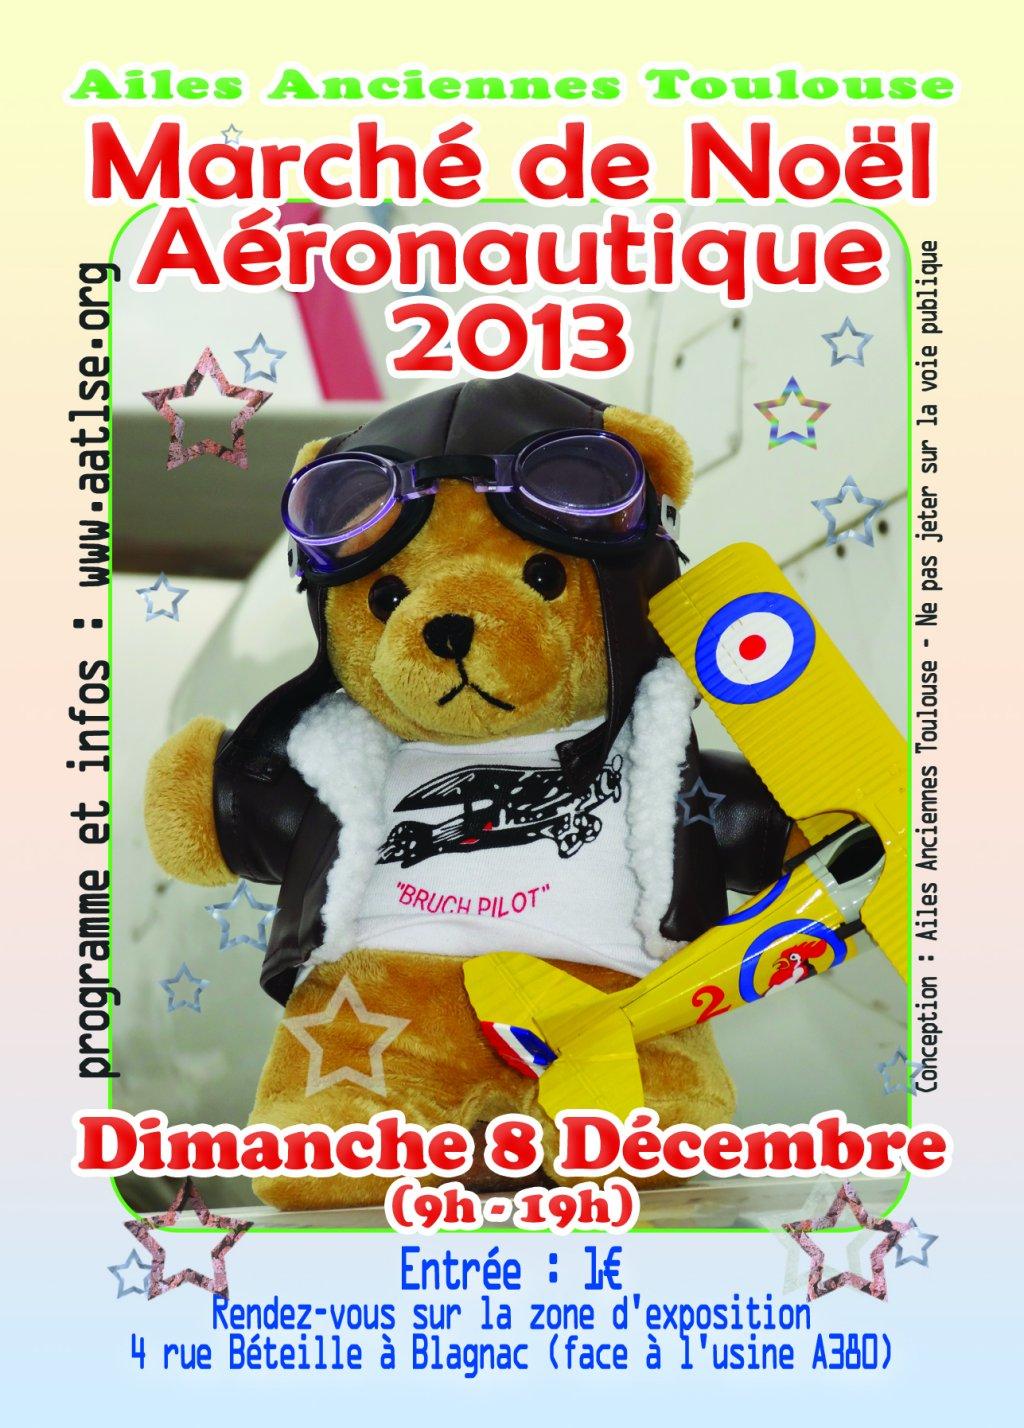 Marché de Noël Aéro, troisième édition